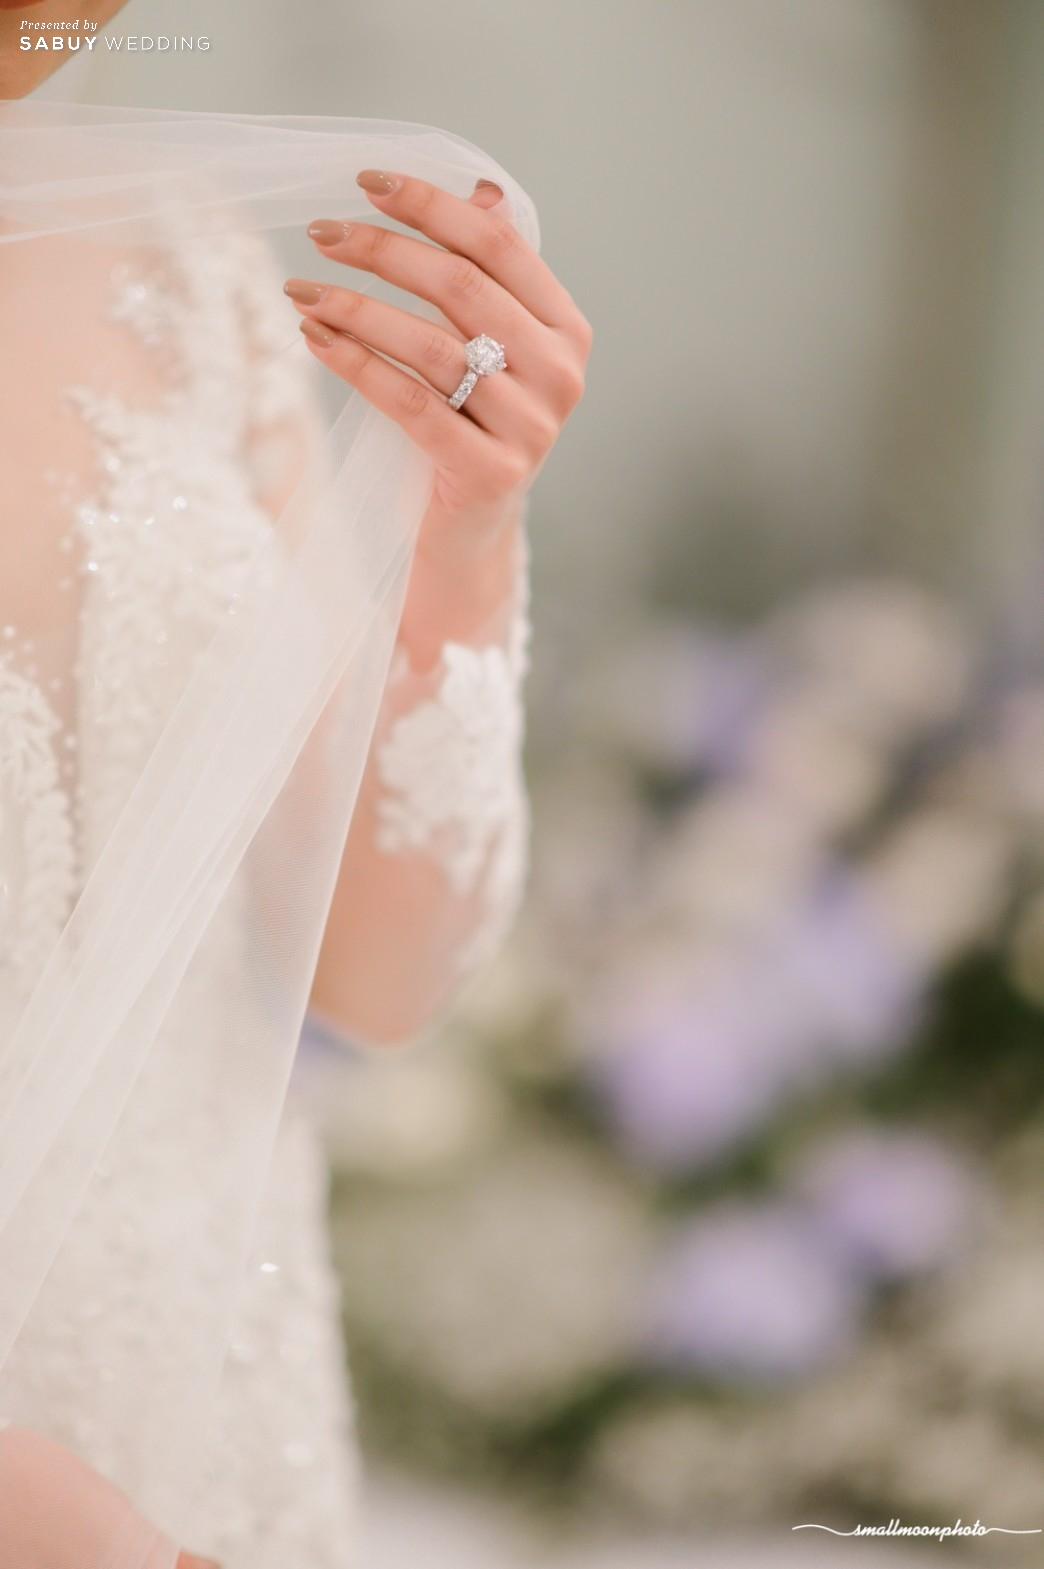 แหวนแต่งงาน รีวิวงานแต่งแสนหวานกับคอนเซ็ปต์งานสไตล์ English Garden @ Sofitel Bangkok Sukhumvit